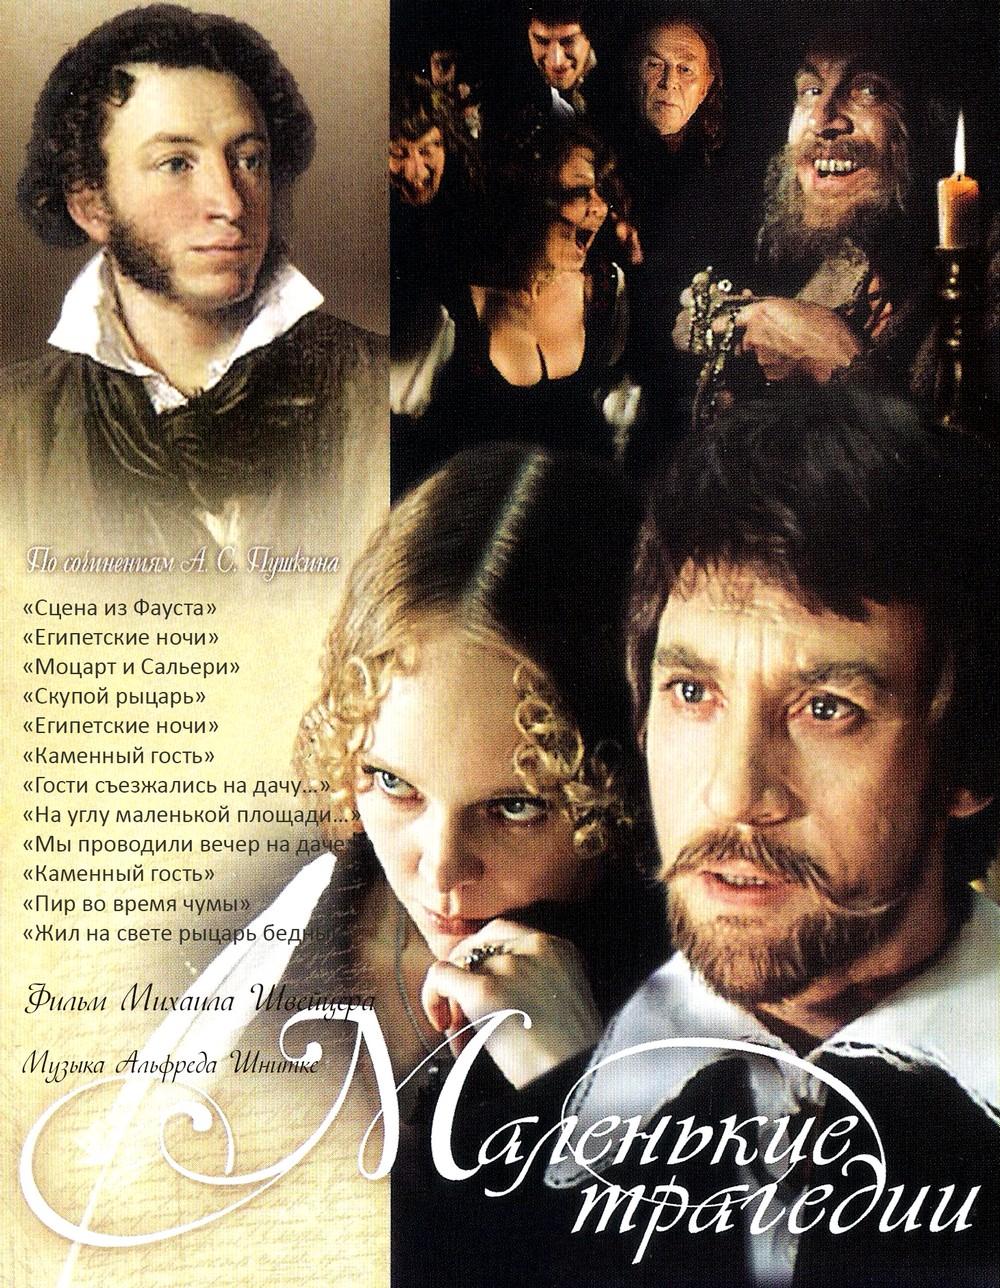 Постер к фильму Михаила Швейцера «Маленькие трагедии»